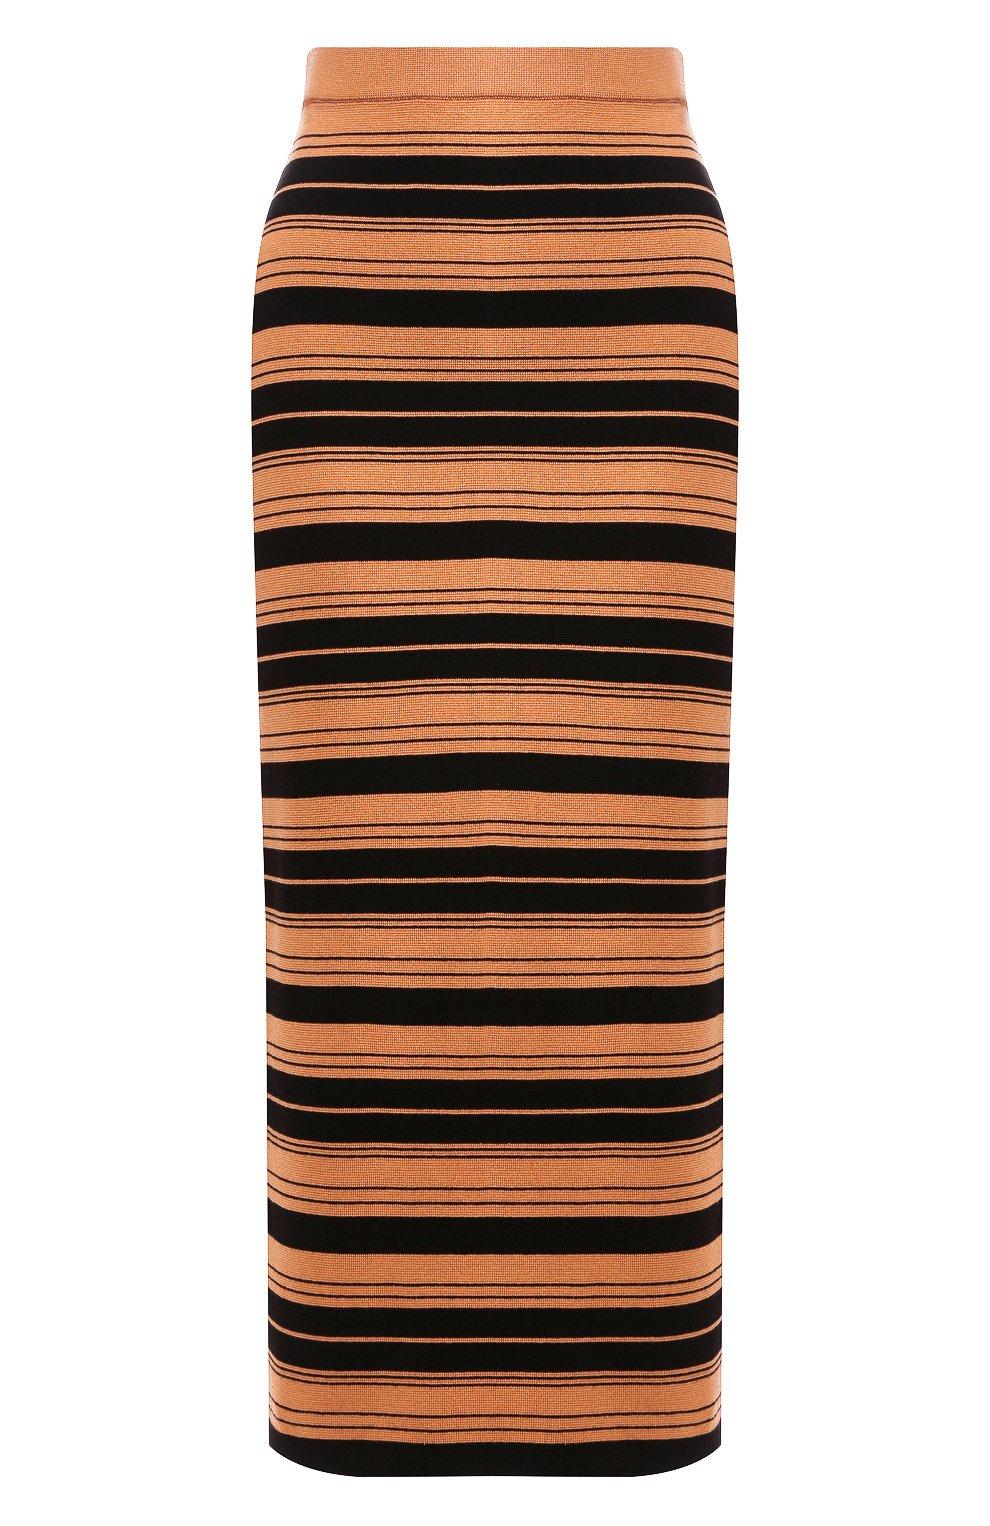 Женская юбка из смеси шелка и хлопка PROENZA SCHOULER WHITE LABEL черного цвета, арт. WL2027392-KS047   Фото 1 (Материал внешний: Шелк, Хлопок; Женское Кросс-КТ: Юбка-карандаш, Юбка-одежда; Длина Ж (юбки, платья, шорты): Миди)